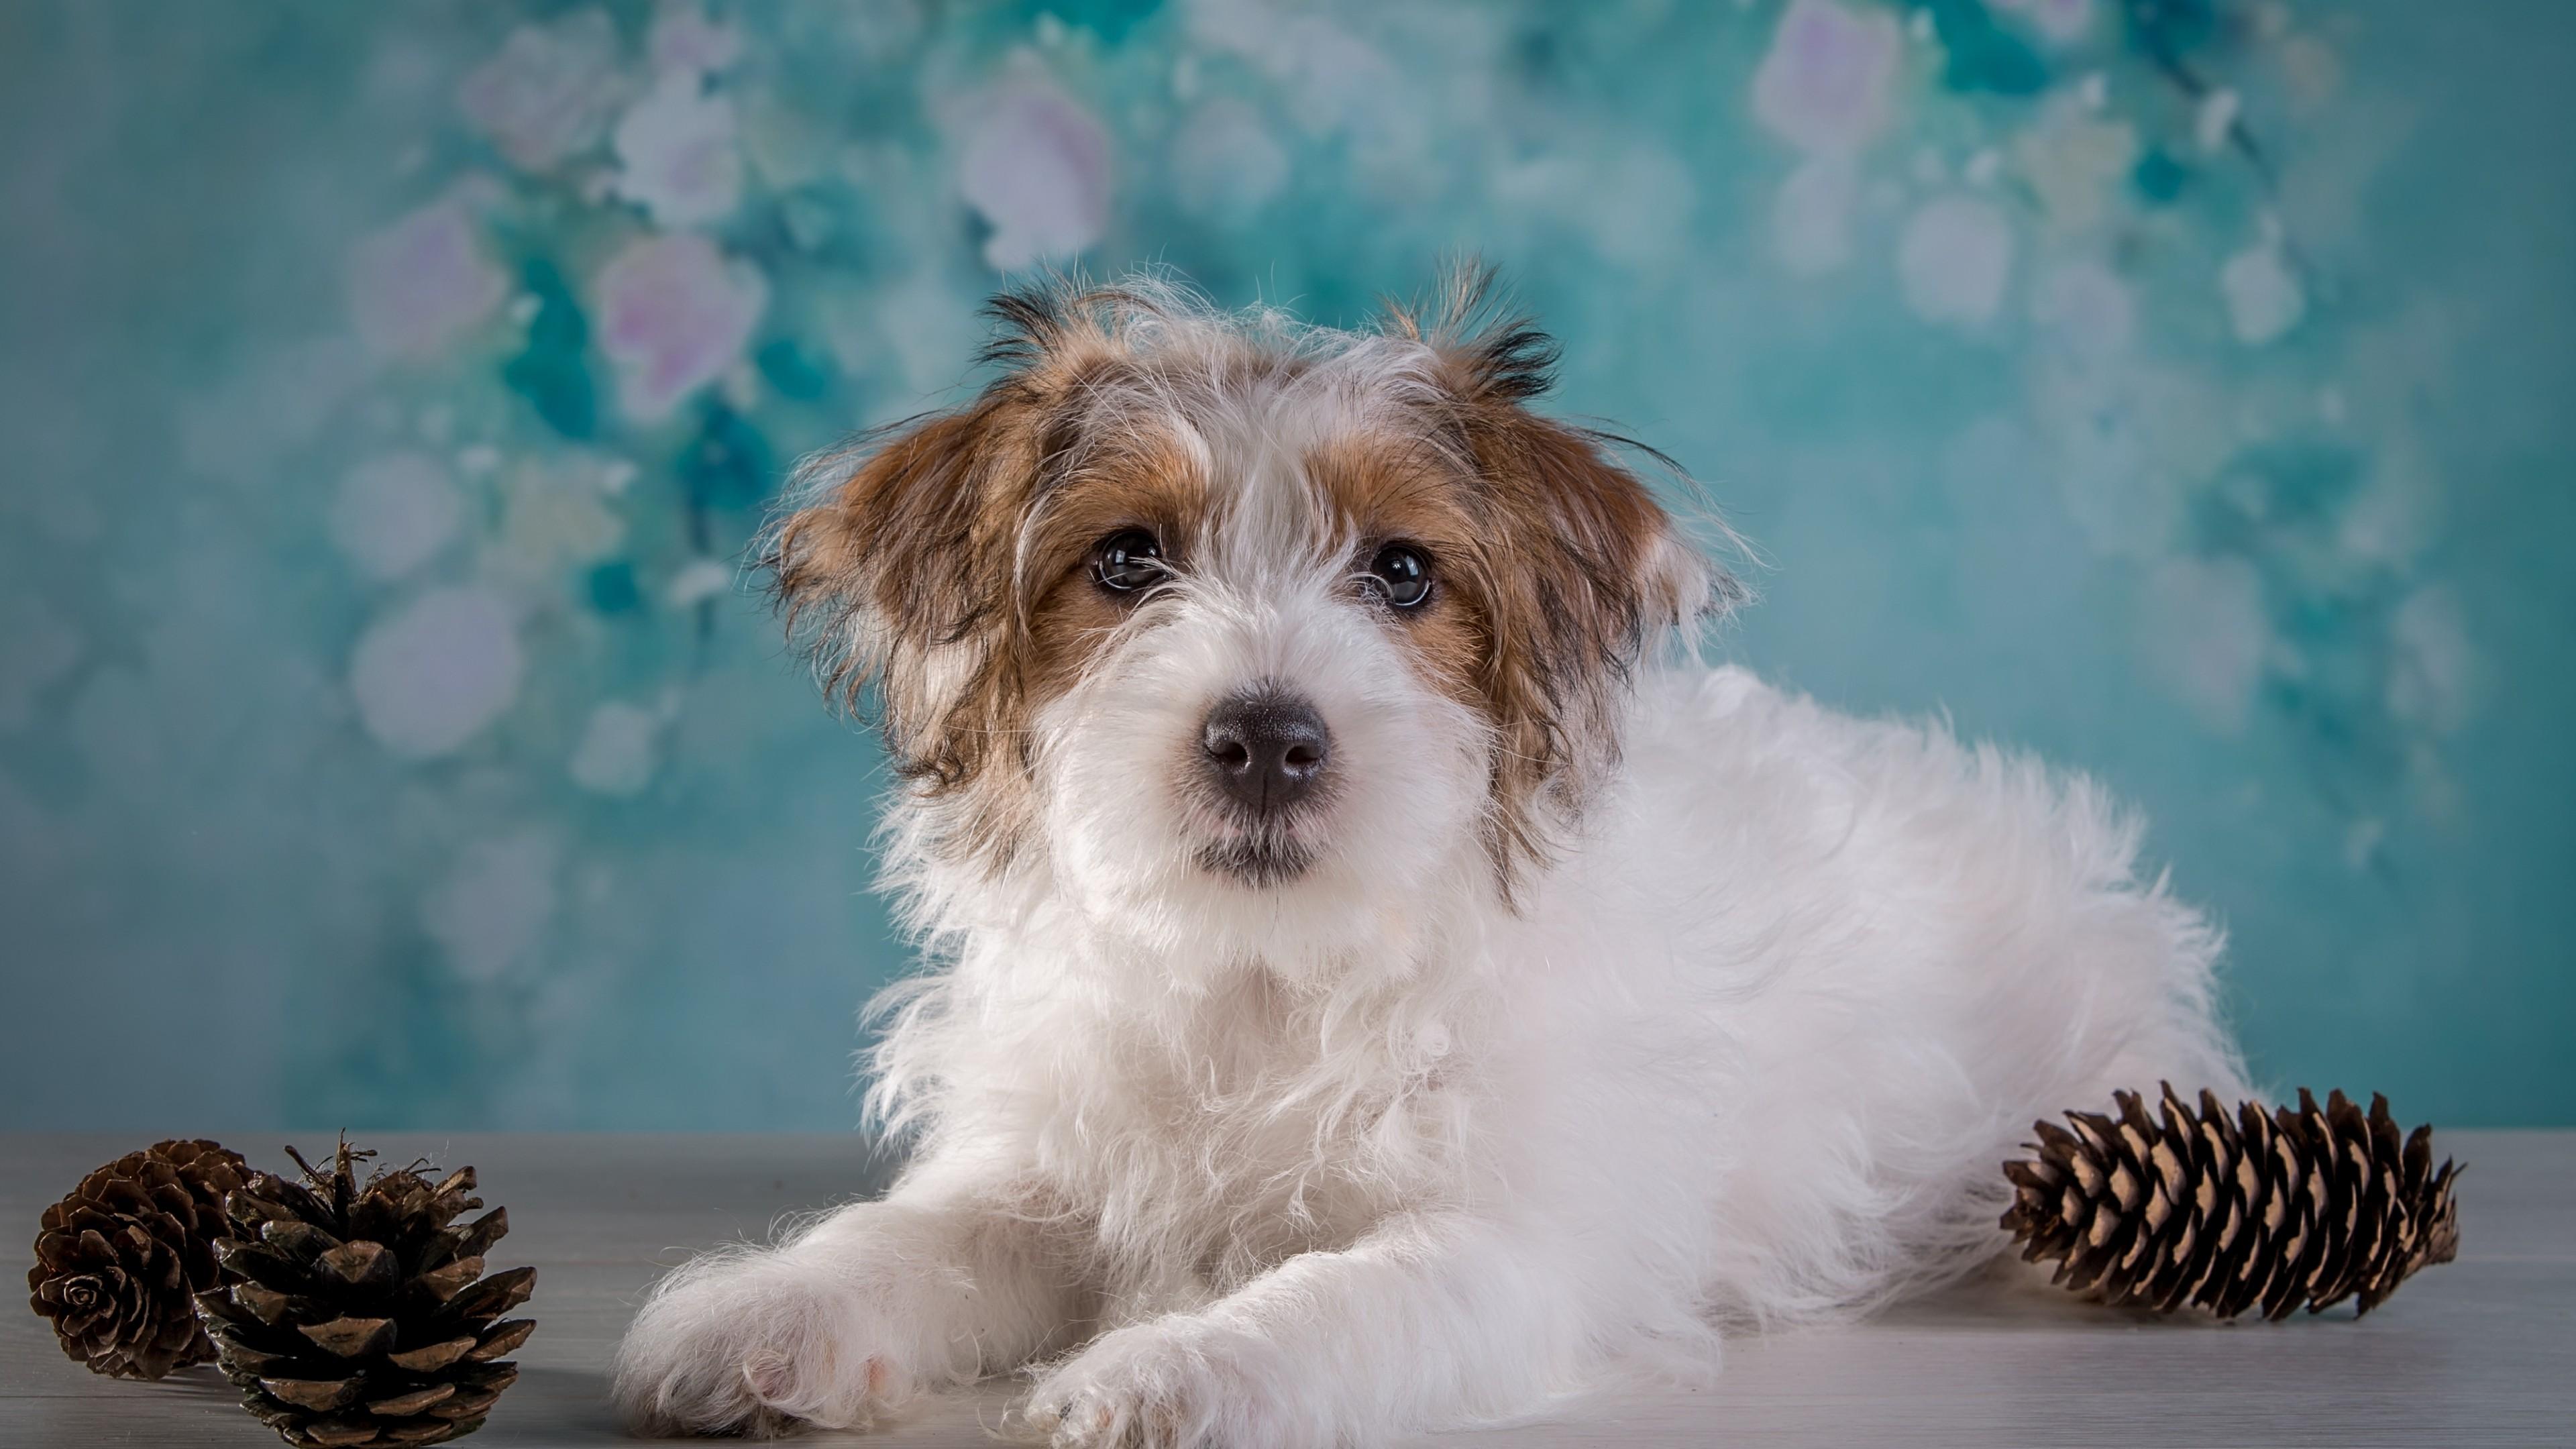 Очаровательный пушистый белый щенок с карими блестящими глазами